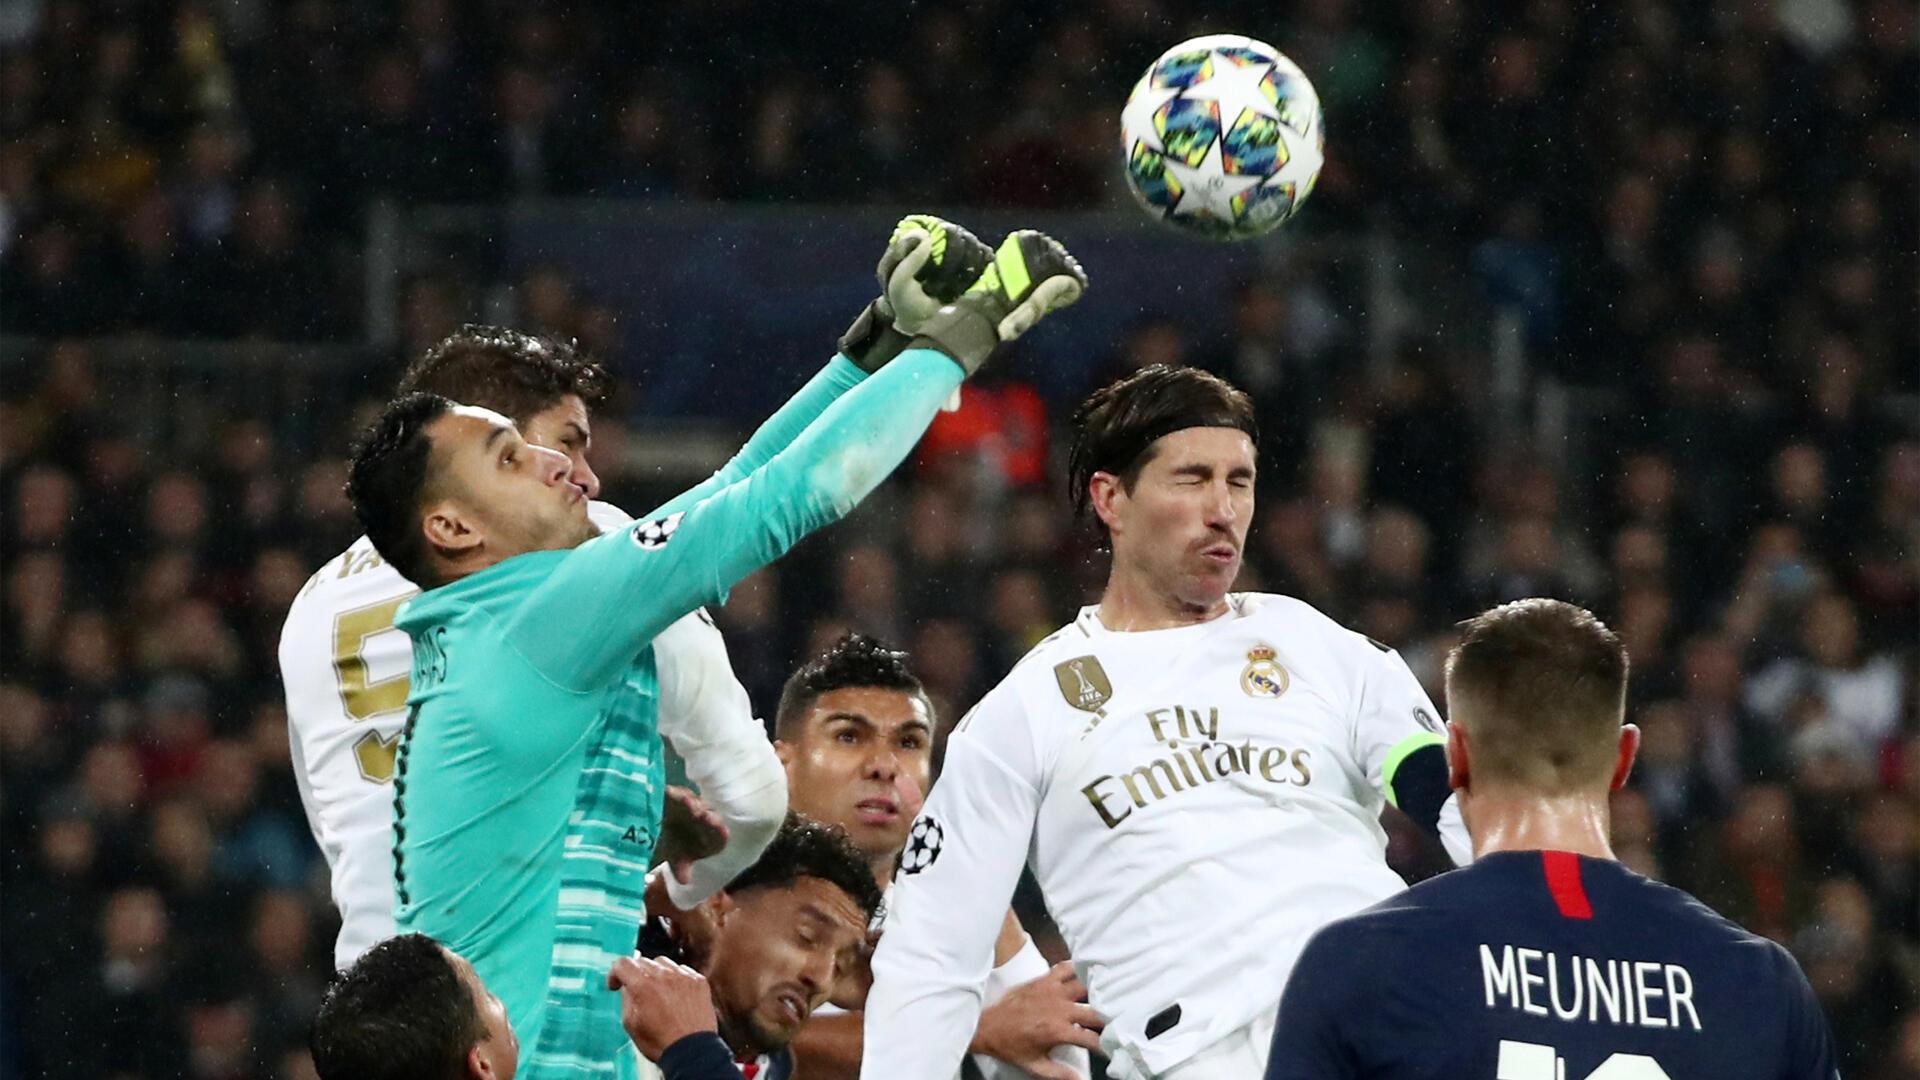 Le gardien de but Keylor Navas (PSG), pendant le match contre le Real Madrid, le 26 novembre 2019.